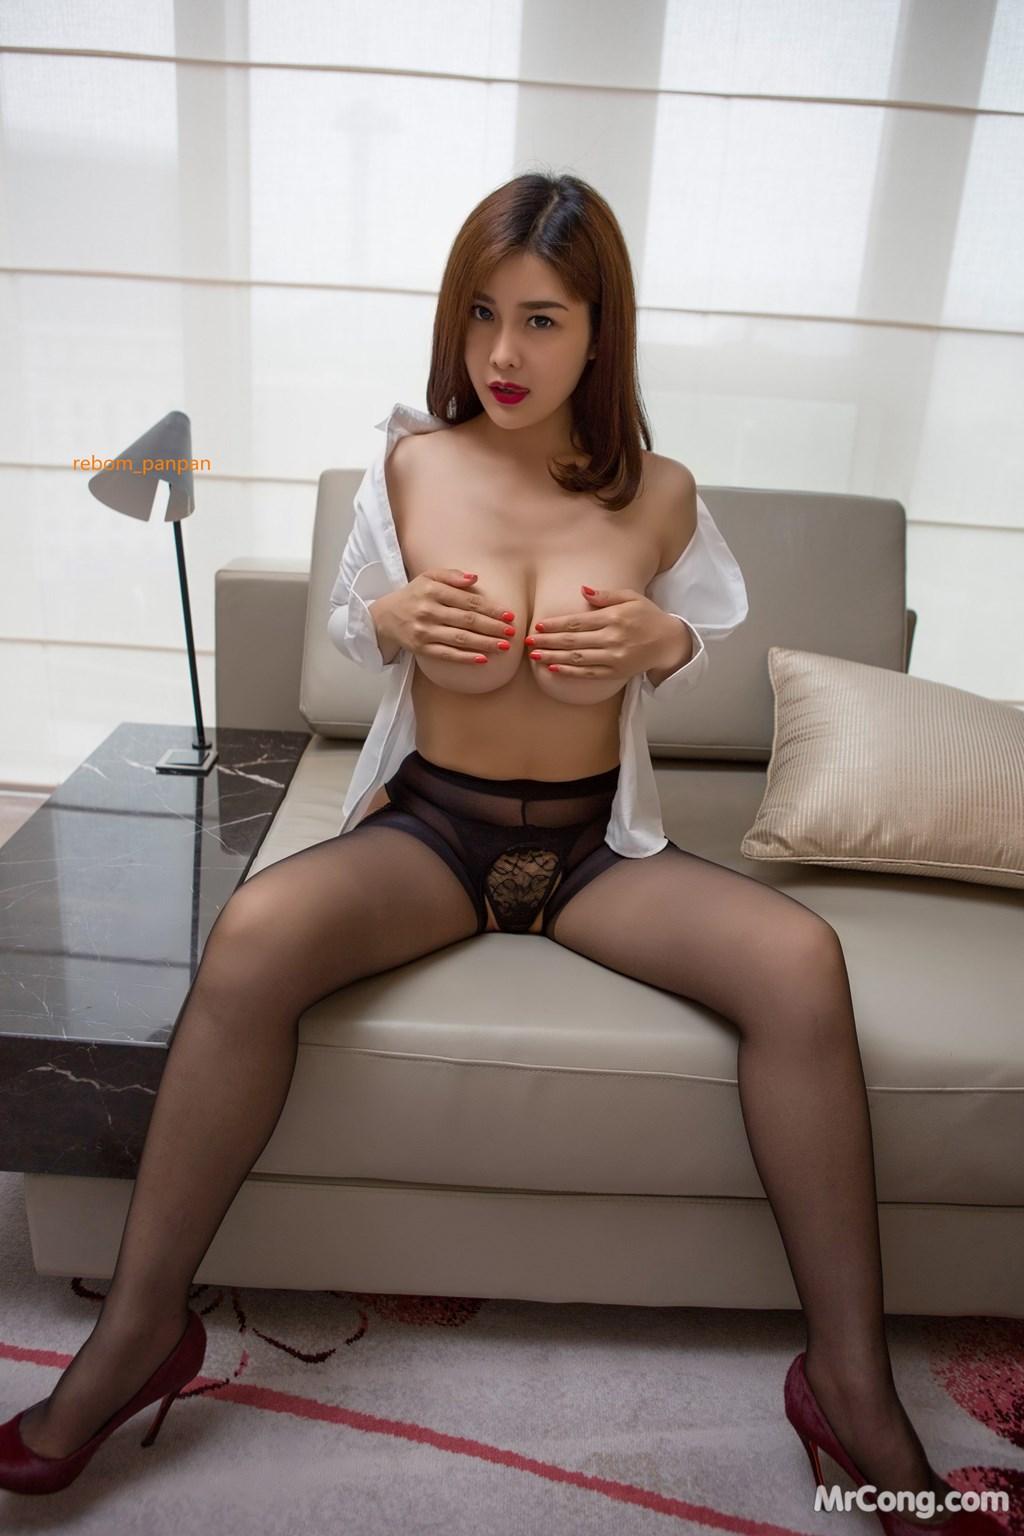 Image Yan-Pan-Pan-Part-4-MrCong.com-021 in post Người đẹp Yan Pan Pan (闫盼盼) hờ hững khoe vòng một trên giường ngủ (40 ảnh)